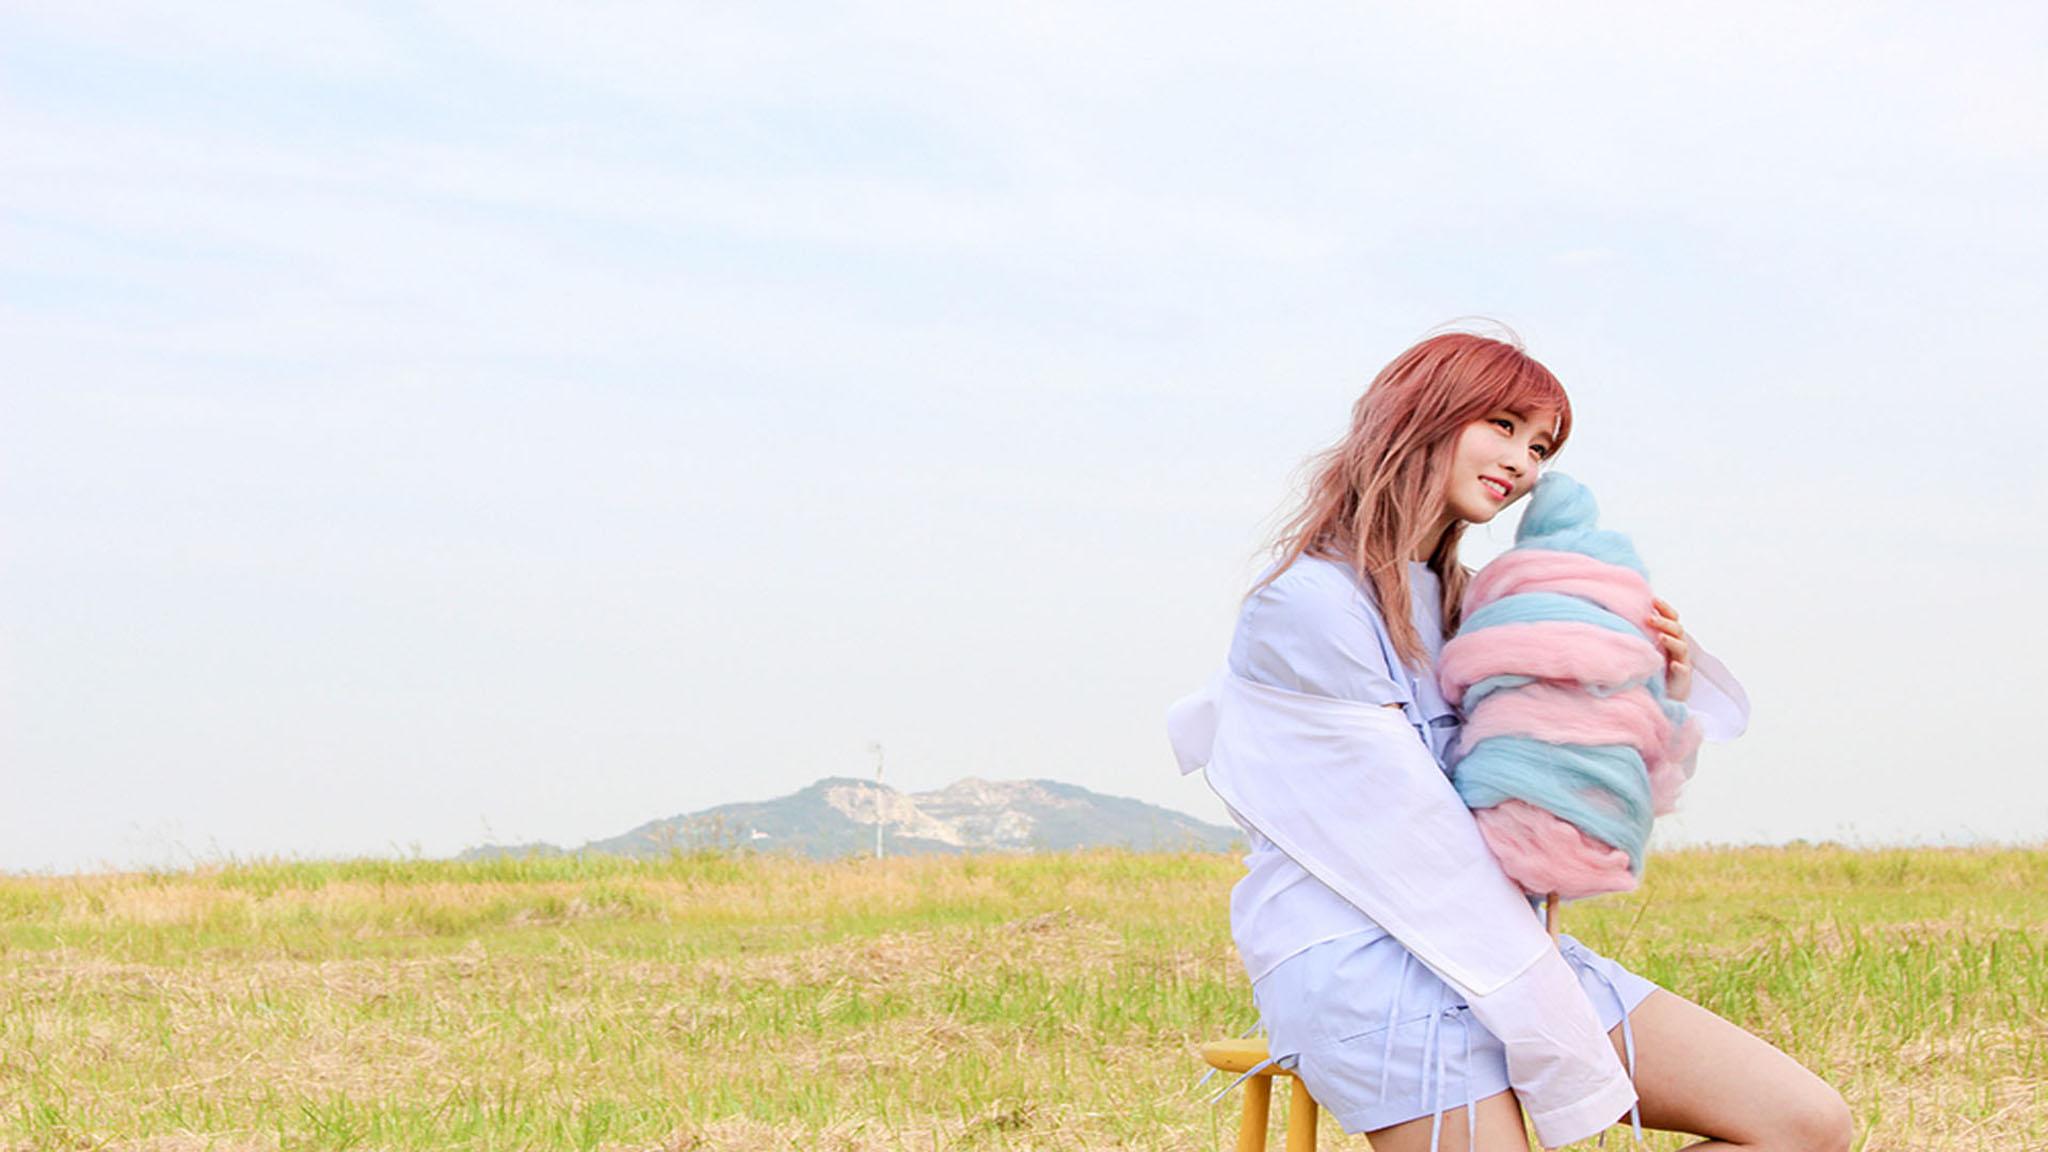 Momo 02 Twice Jyp Ent Wallpaper 40873394 Fanpop